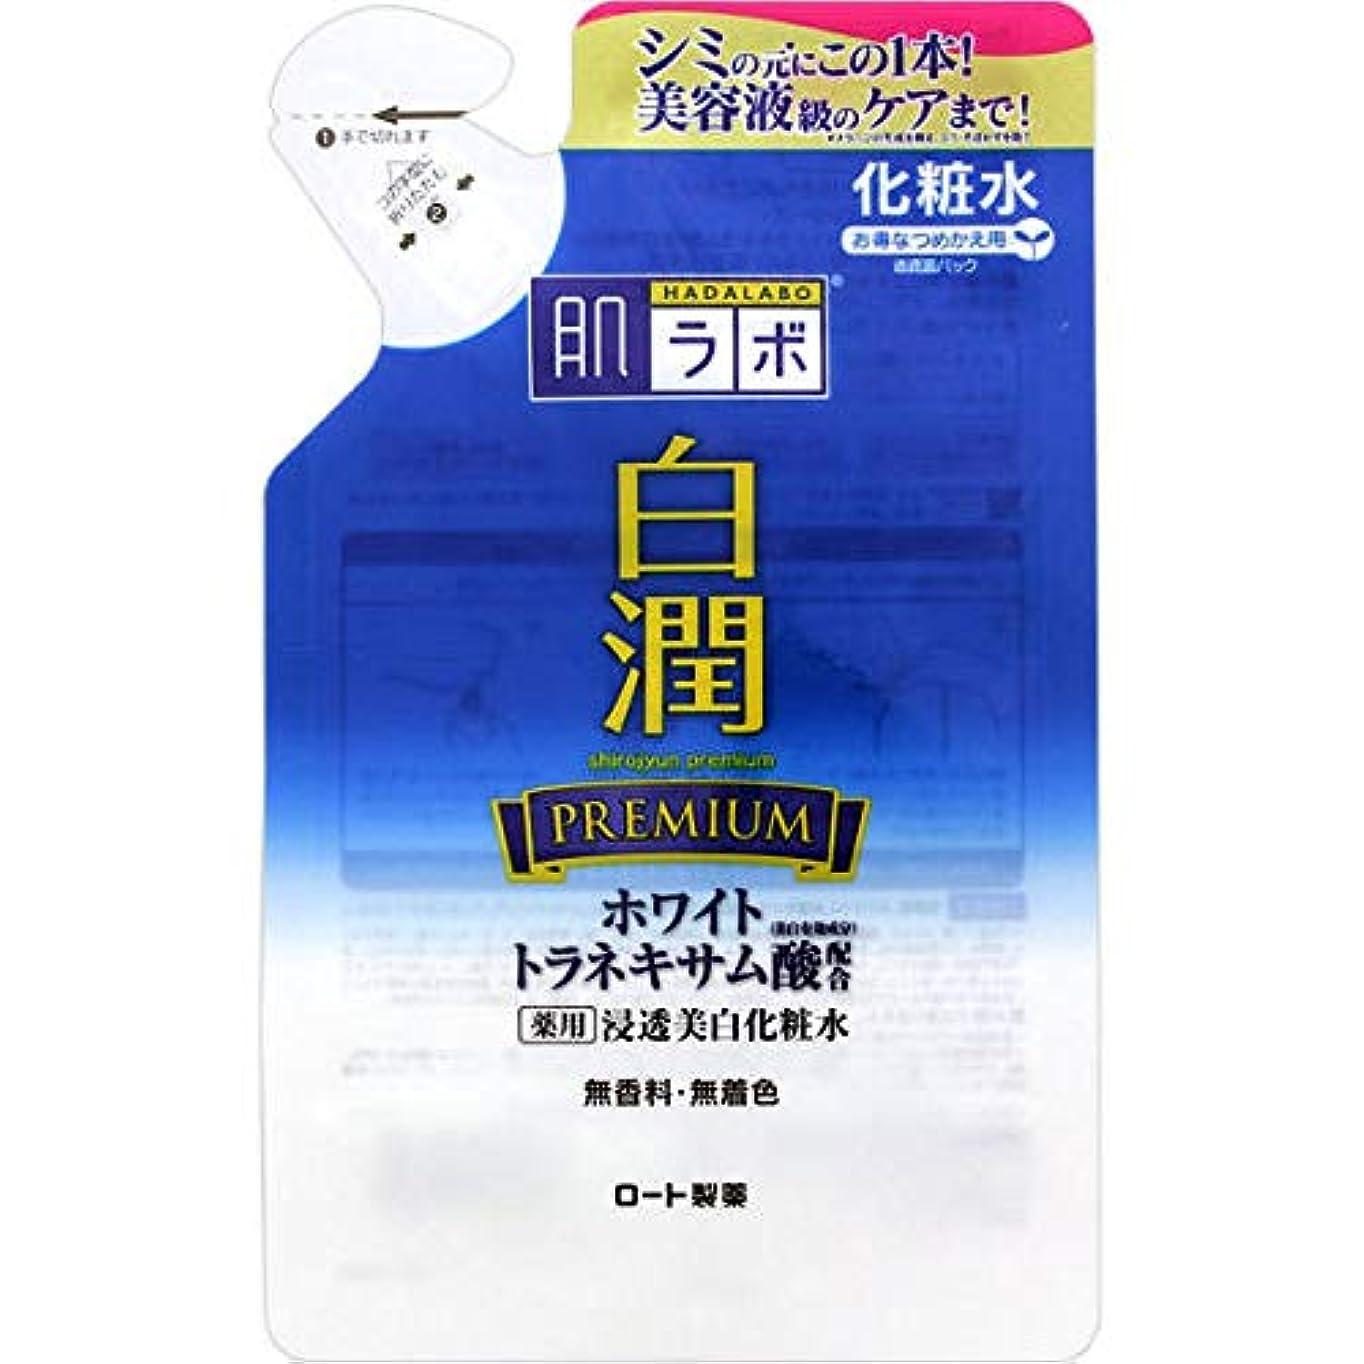 シンカンチラチラする保安(ロート製薬)肌研 白潤 プレミアム薬用浸透美白化粧水 つめかえ用 170ml(医薬部外品)(お買い得3個セット)